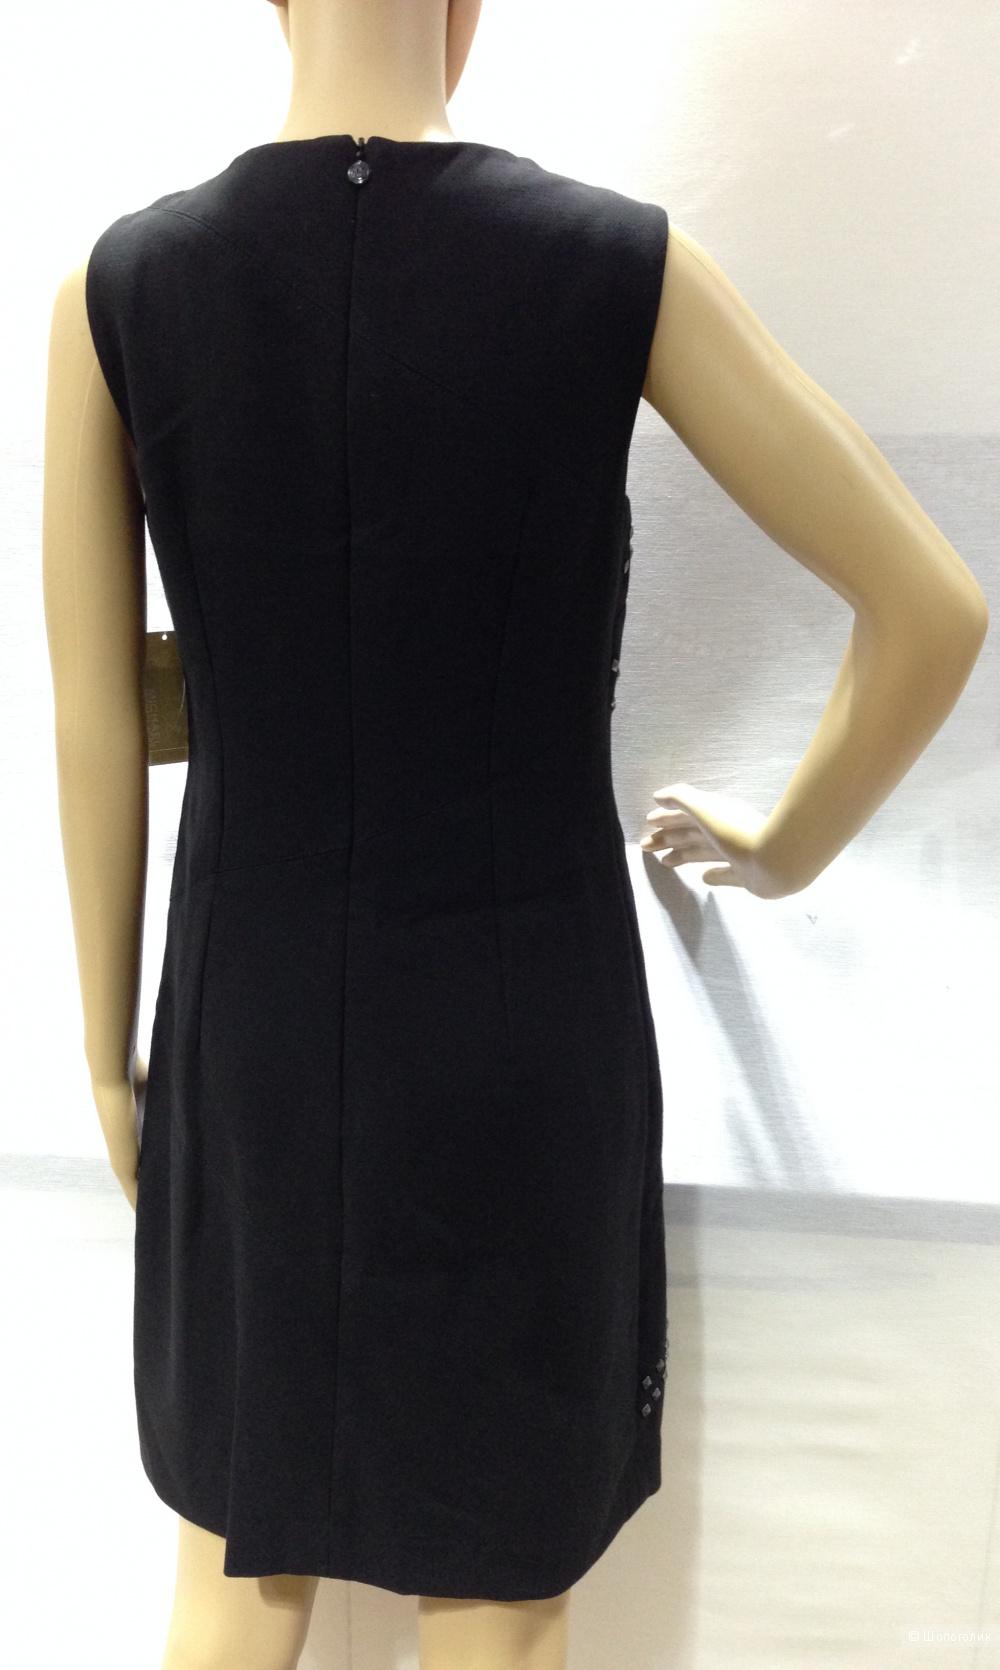 Офисное строгое платье от Michael Kors р.44 с заклепками как у VALENTINO